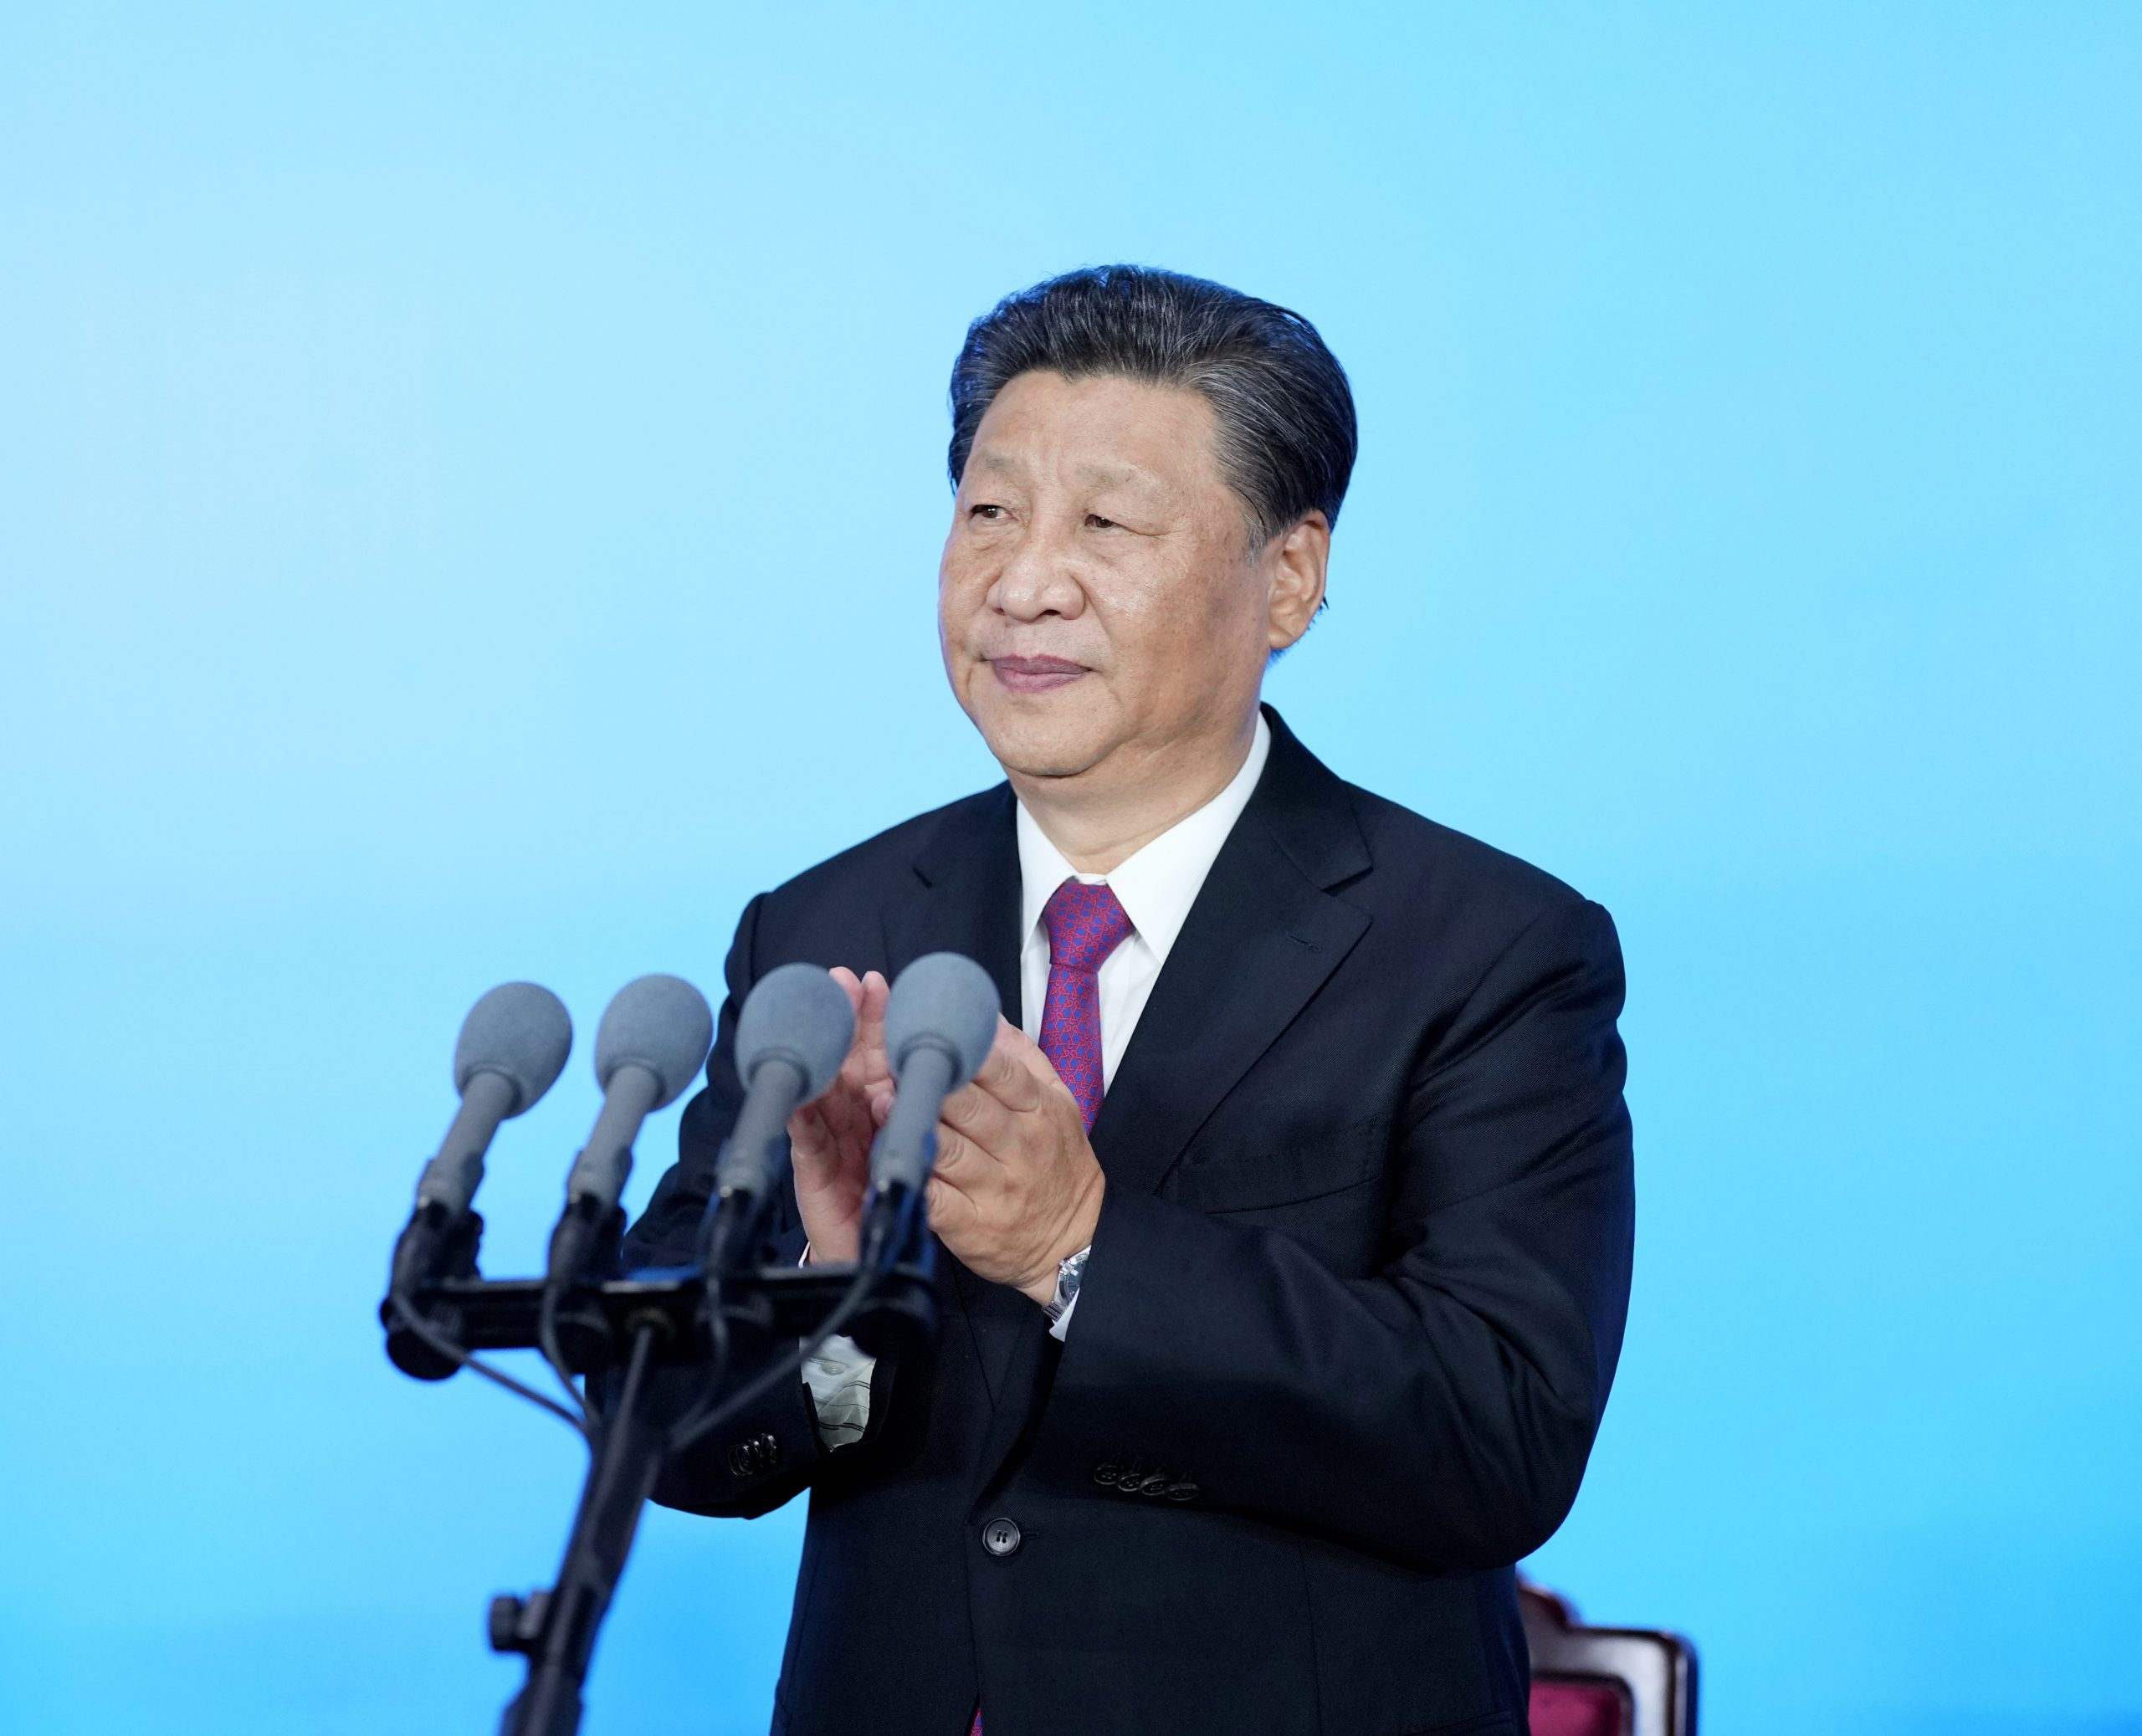 Xi asistirá a cumbre de OCS y cumbre conjunta OCS-OTSC por enlace de video